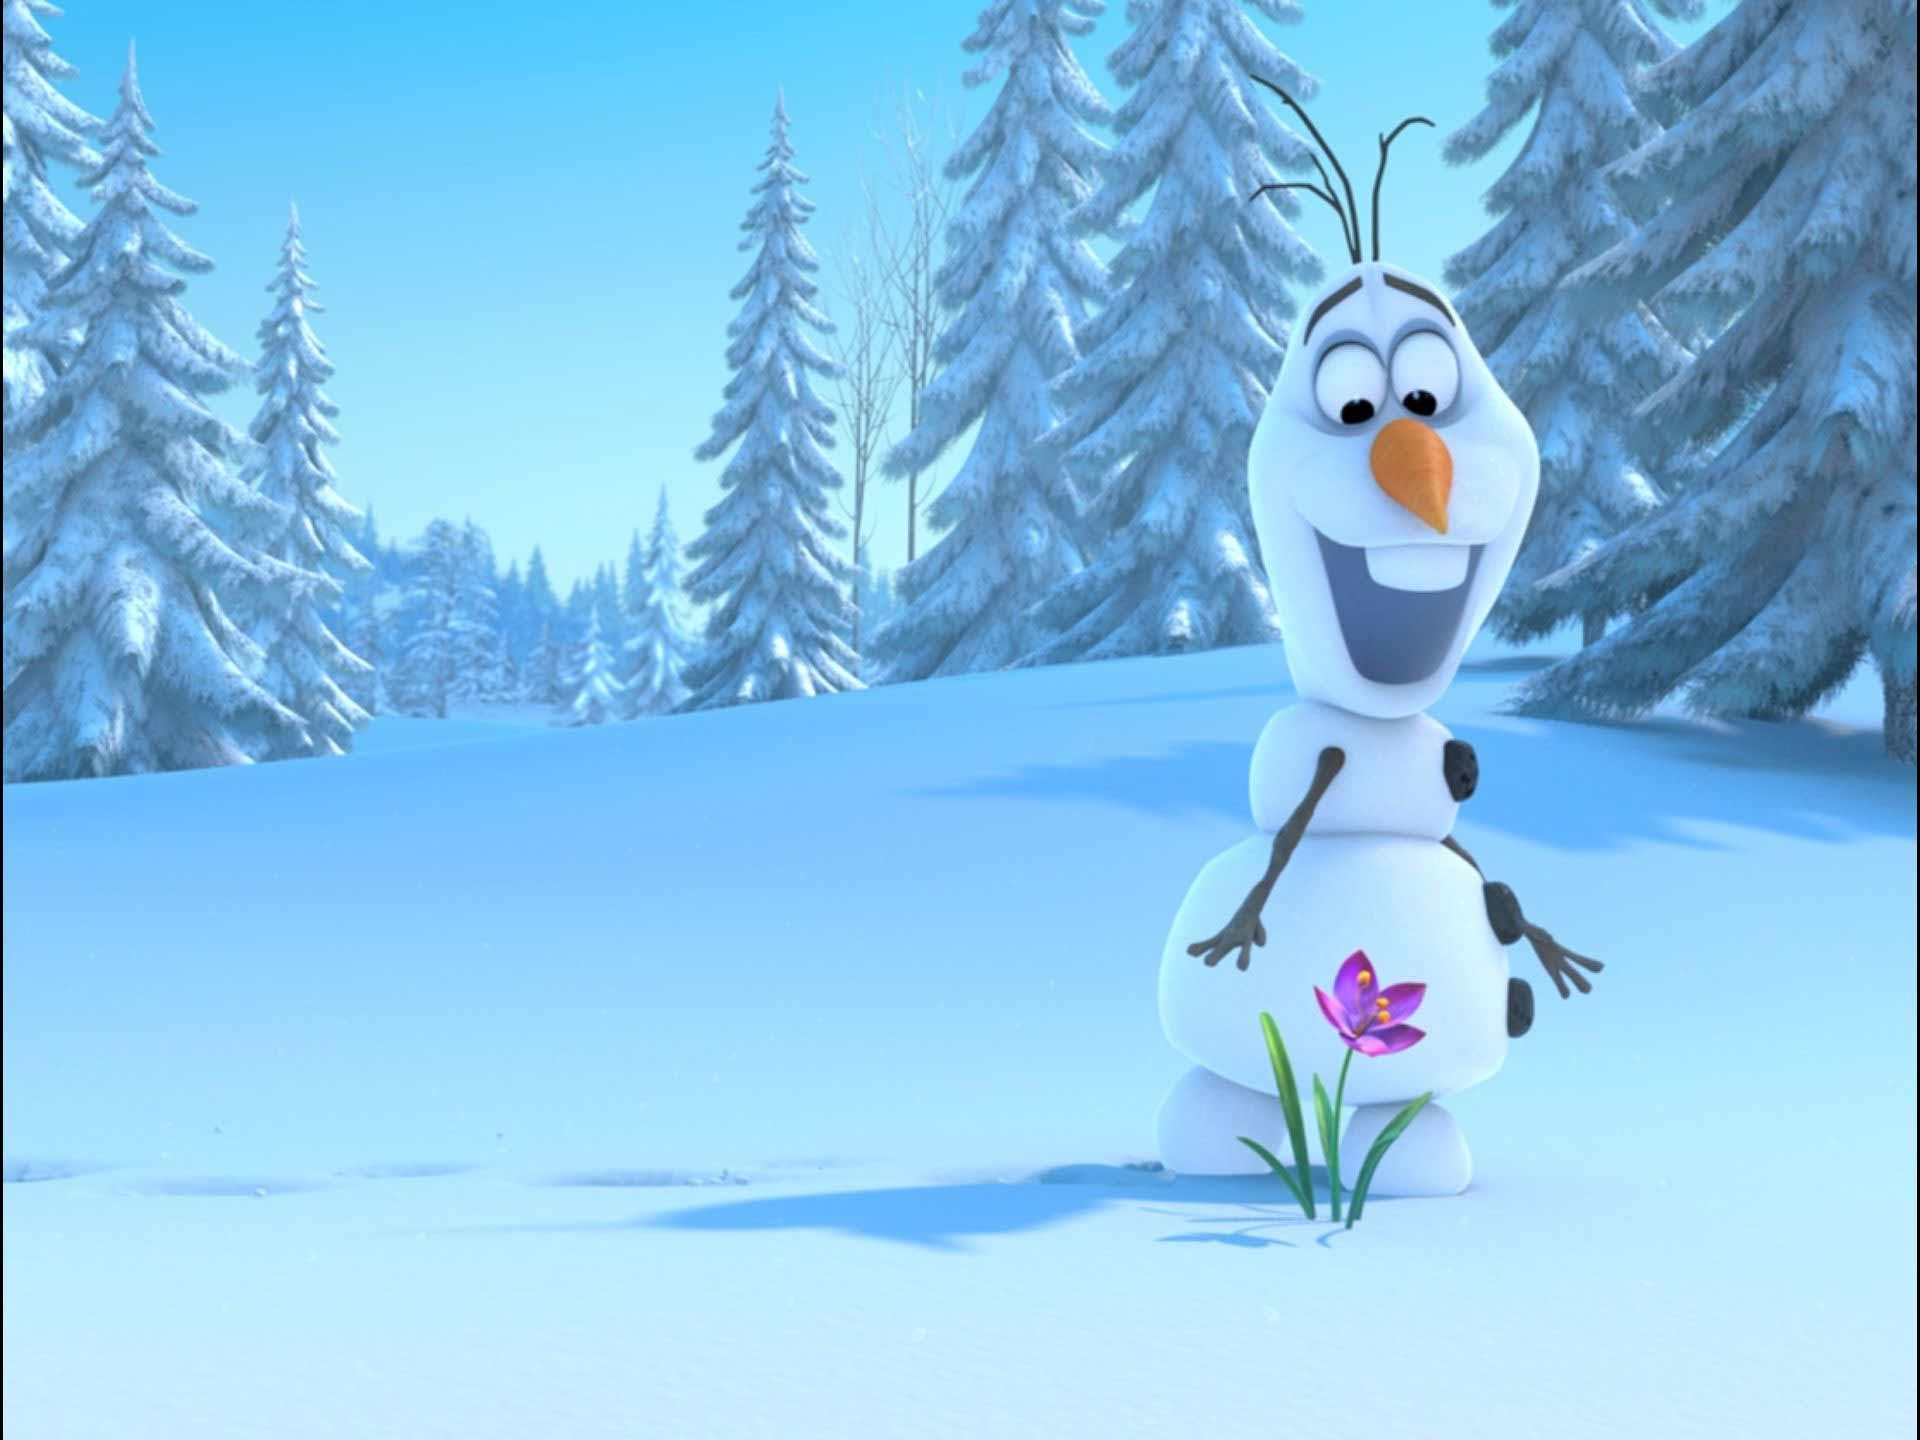 Disney Frozen Wallpapers amp Desktop Backgrounds Frozen 1920x1440